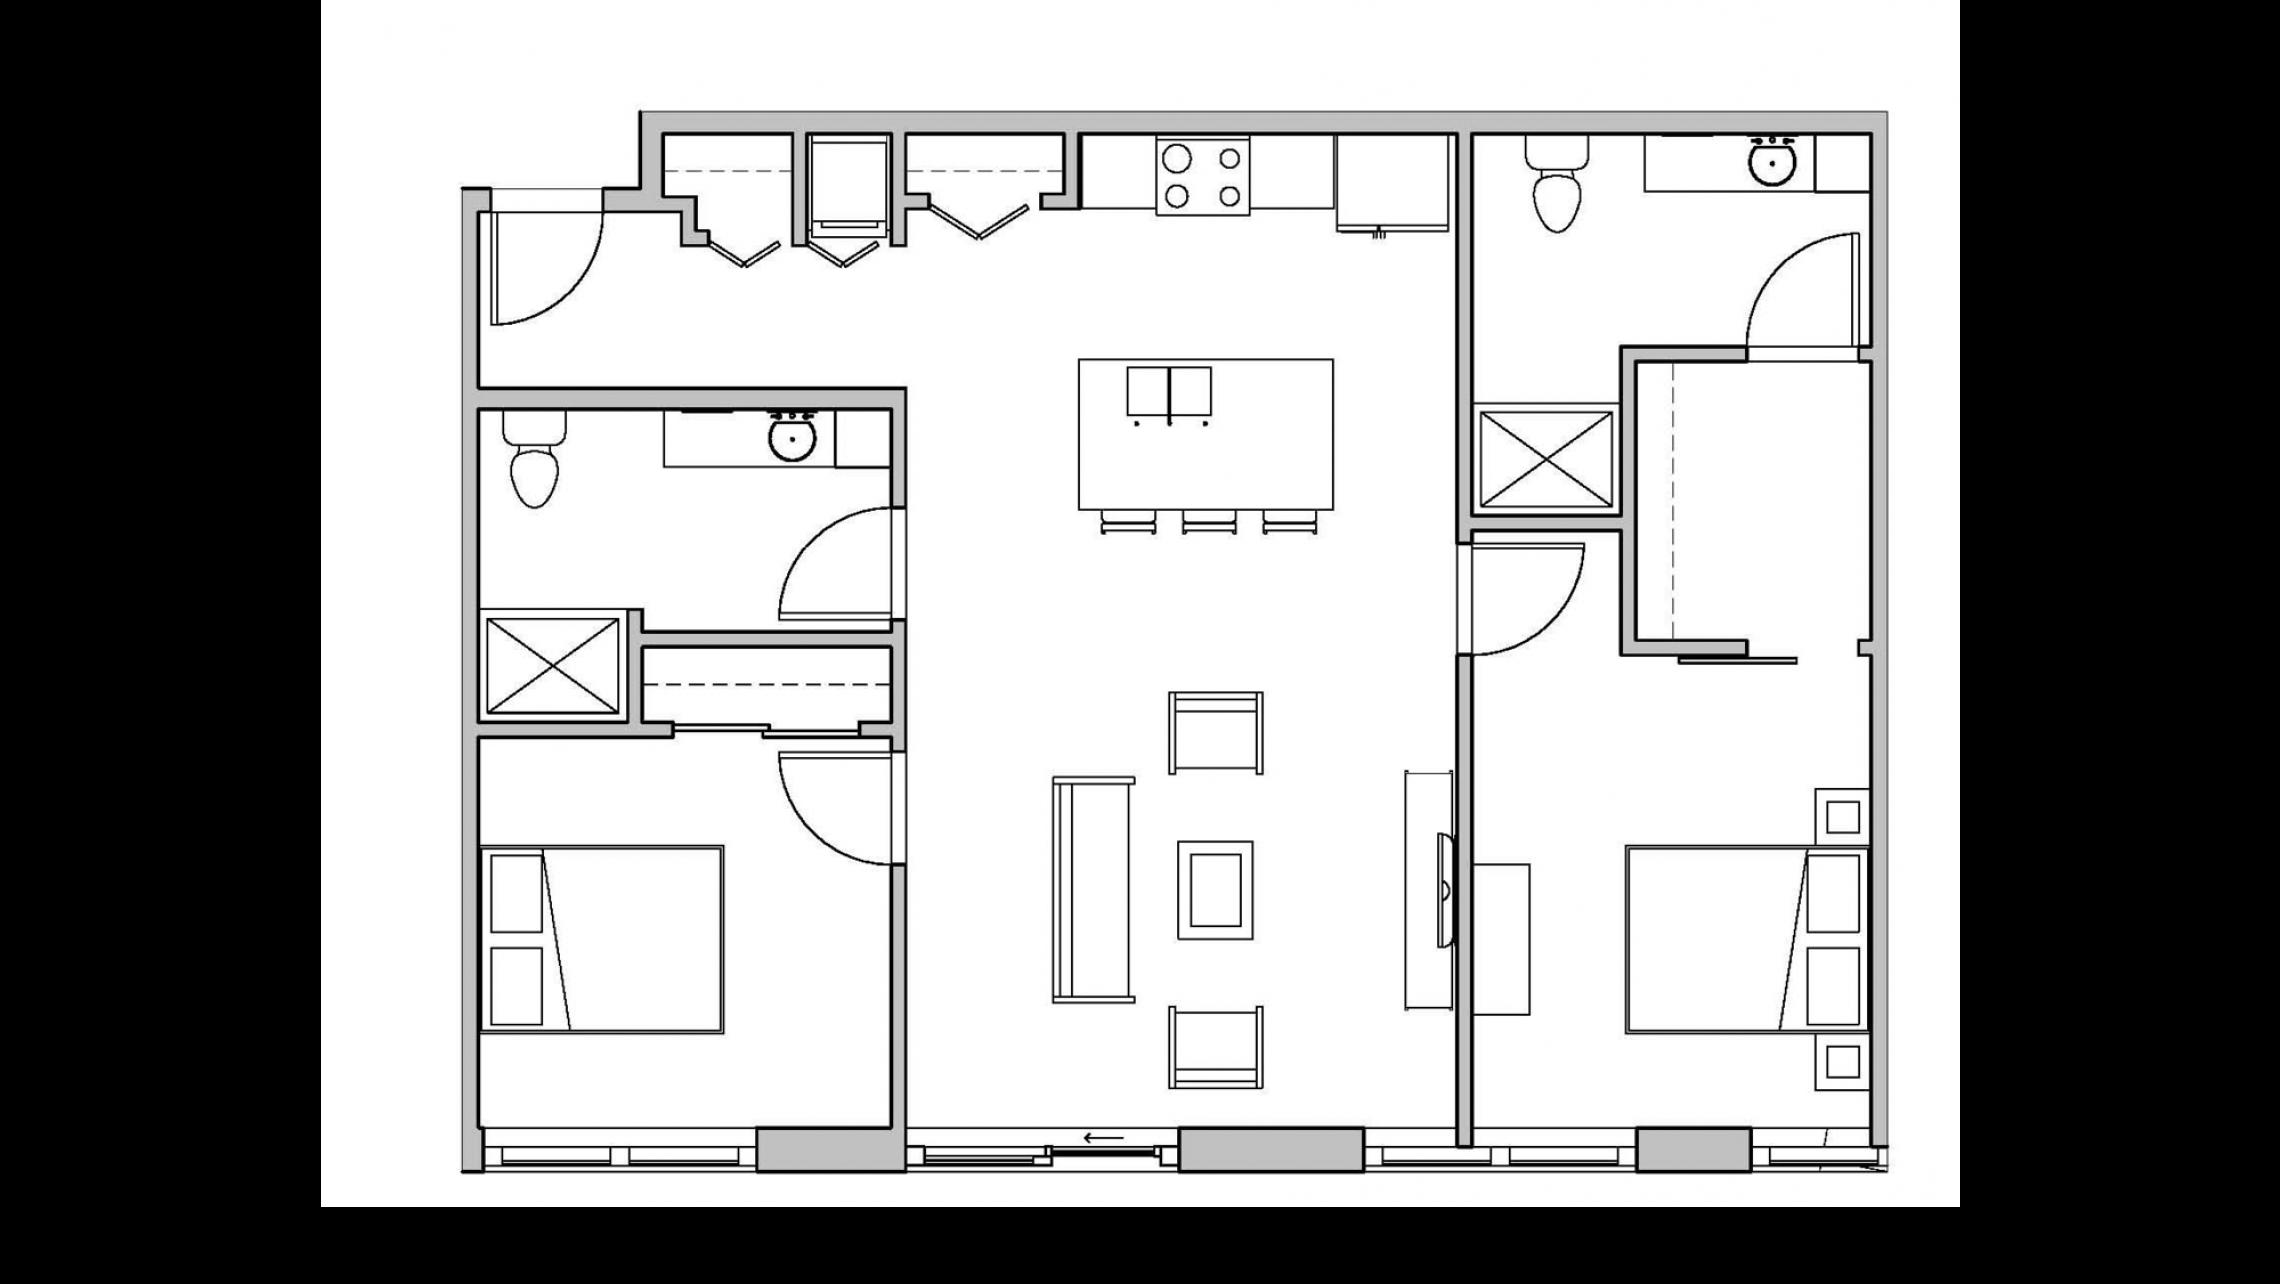 ULI Seven27 322 - Two Bedroom, Two Bathroom